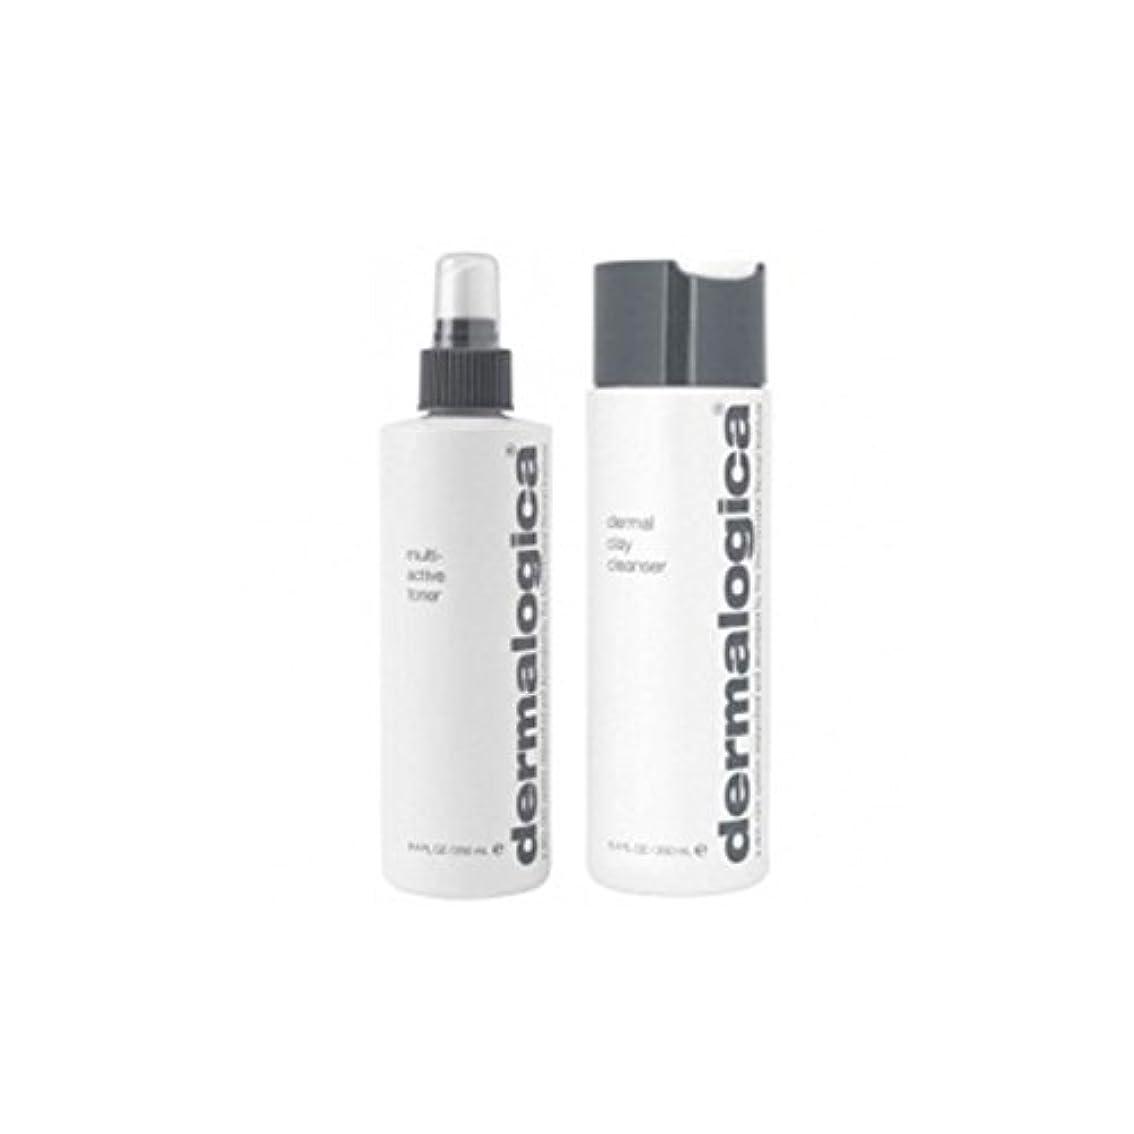 経験浸す探検Dermalogica Cleanse & Tone Duo - Oily Skin (2 Products) (Pack of 6) - ダーマロジカクレンジング&トーンデュオ - 脂性肌(2製品) x6 [並行輸入品]